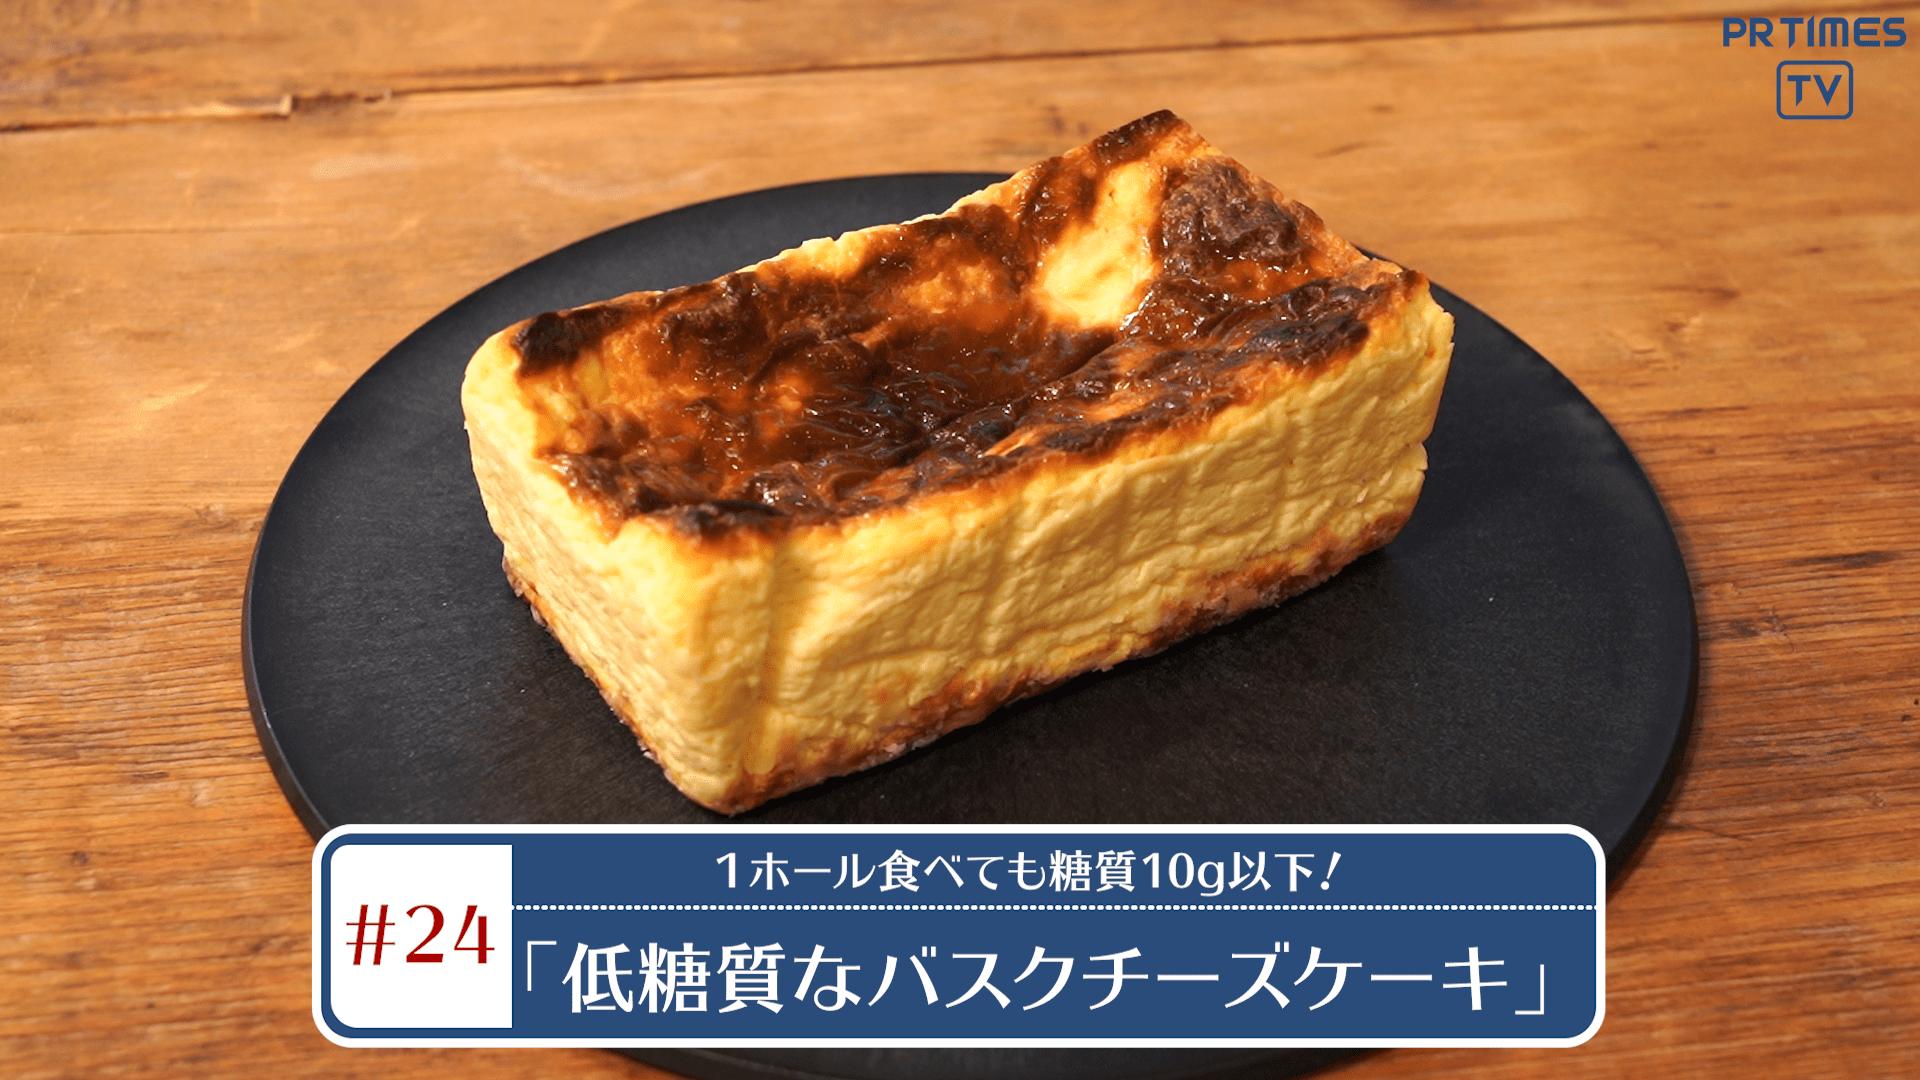 おいしい低糖質パン&スイーツの専門店「フスボン」から『バスクチーズケーキ』『パウンドケーキ』『ガトーショコラ』が登場!